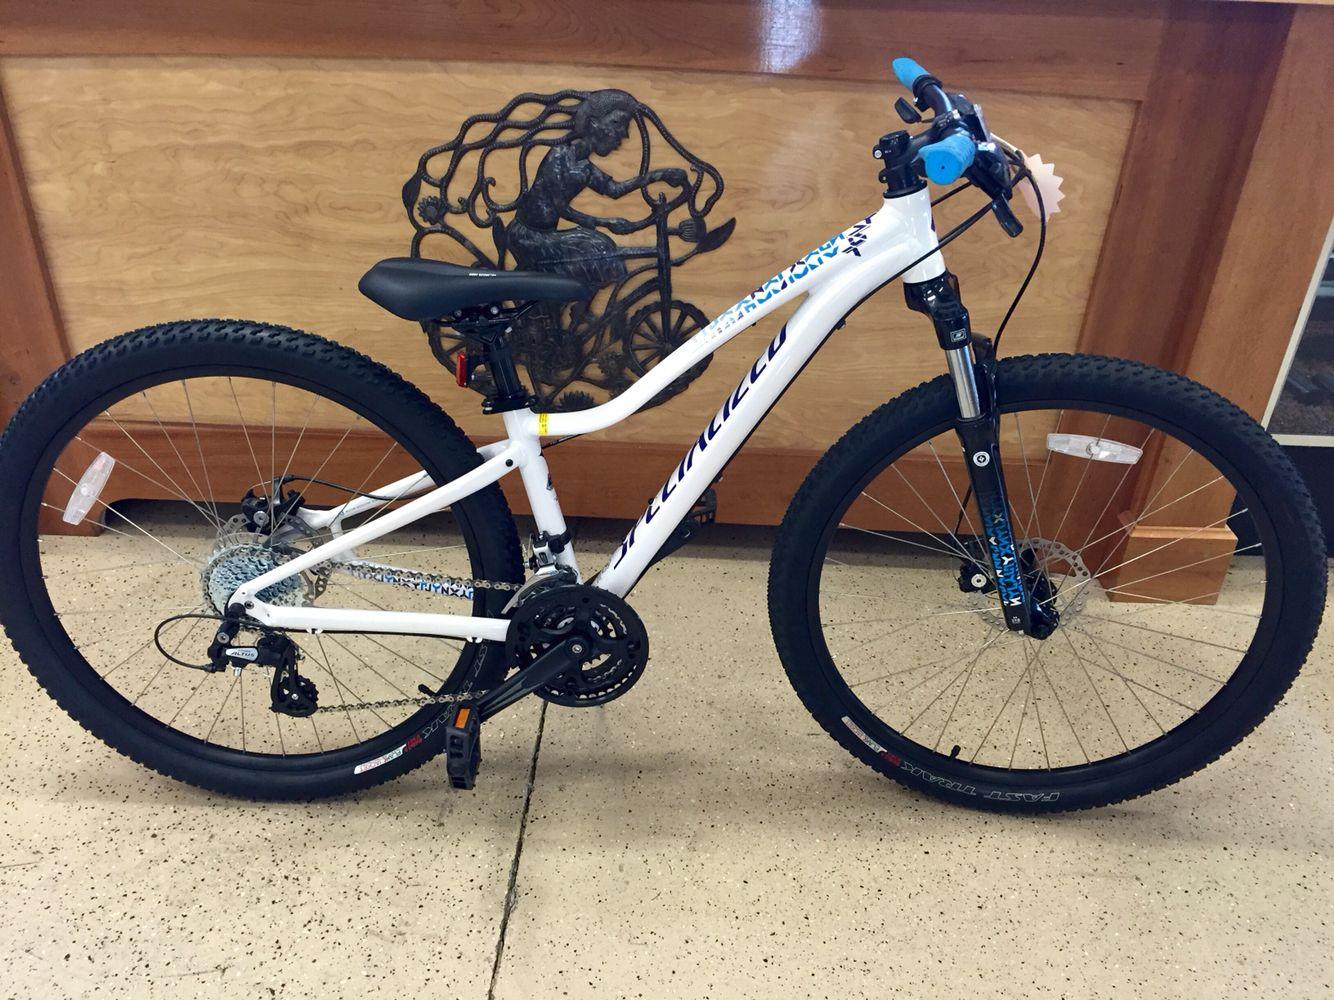 2014 Specialized Jynx 650b. Was 560. Now 440. Bikes